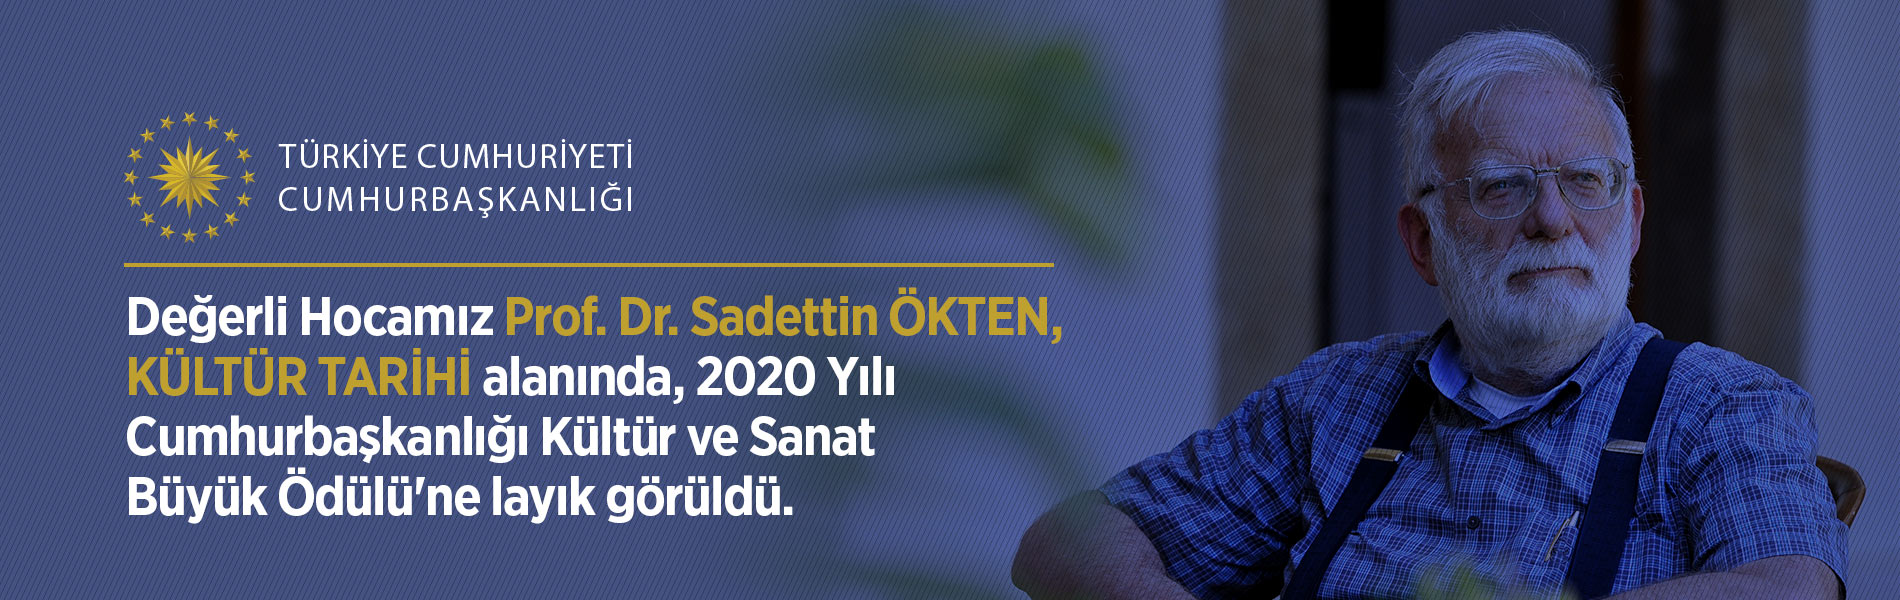 OKTEN-19X6